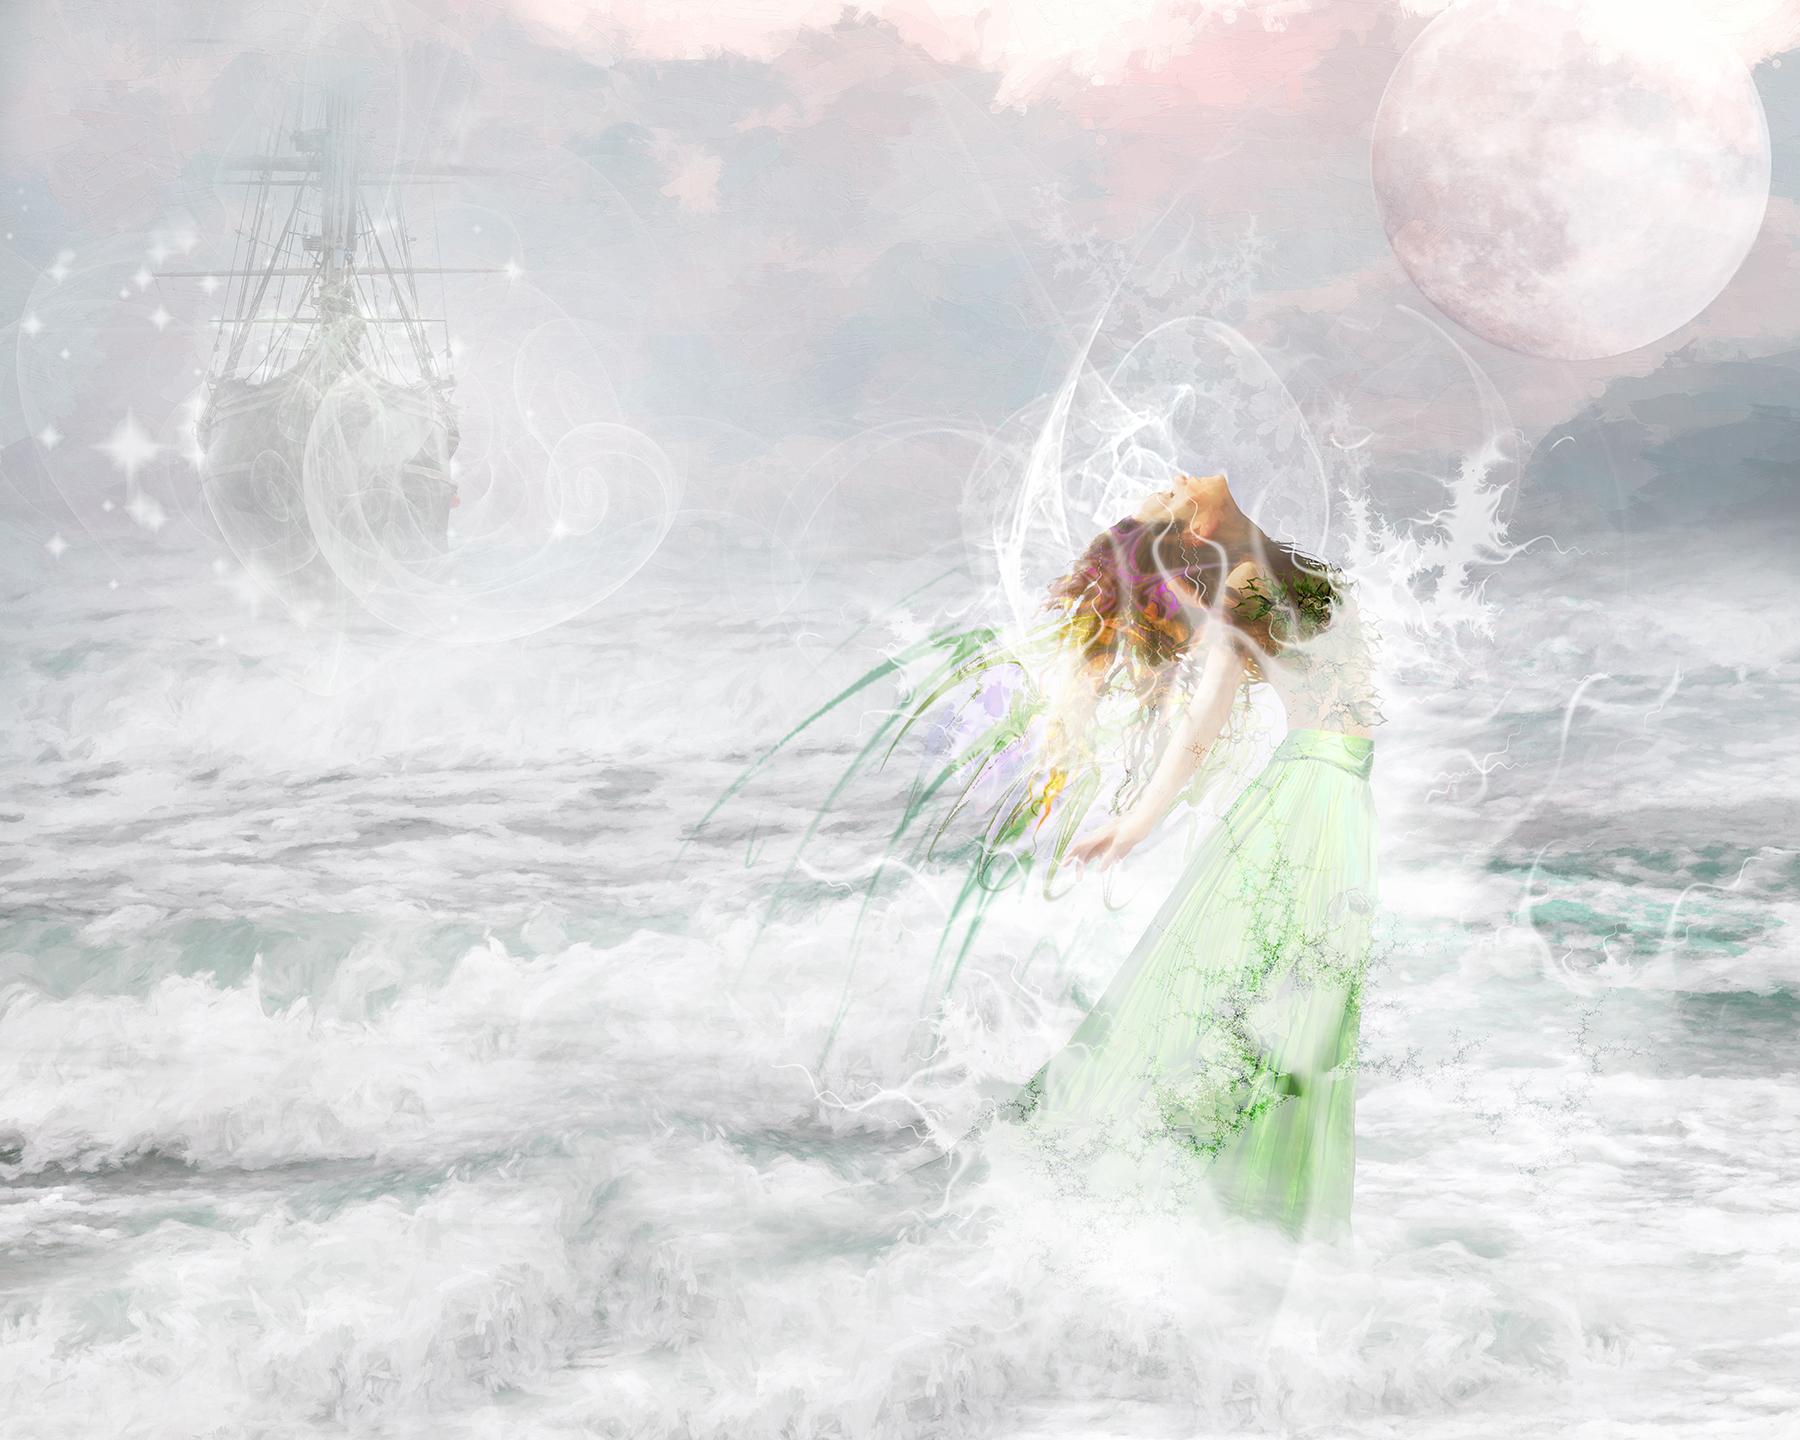 Rapture at Sea 2